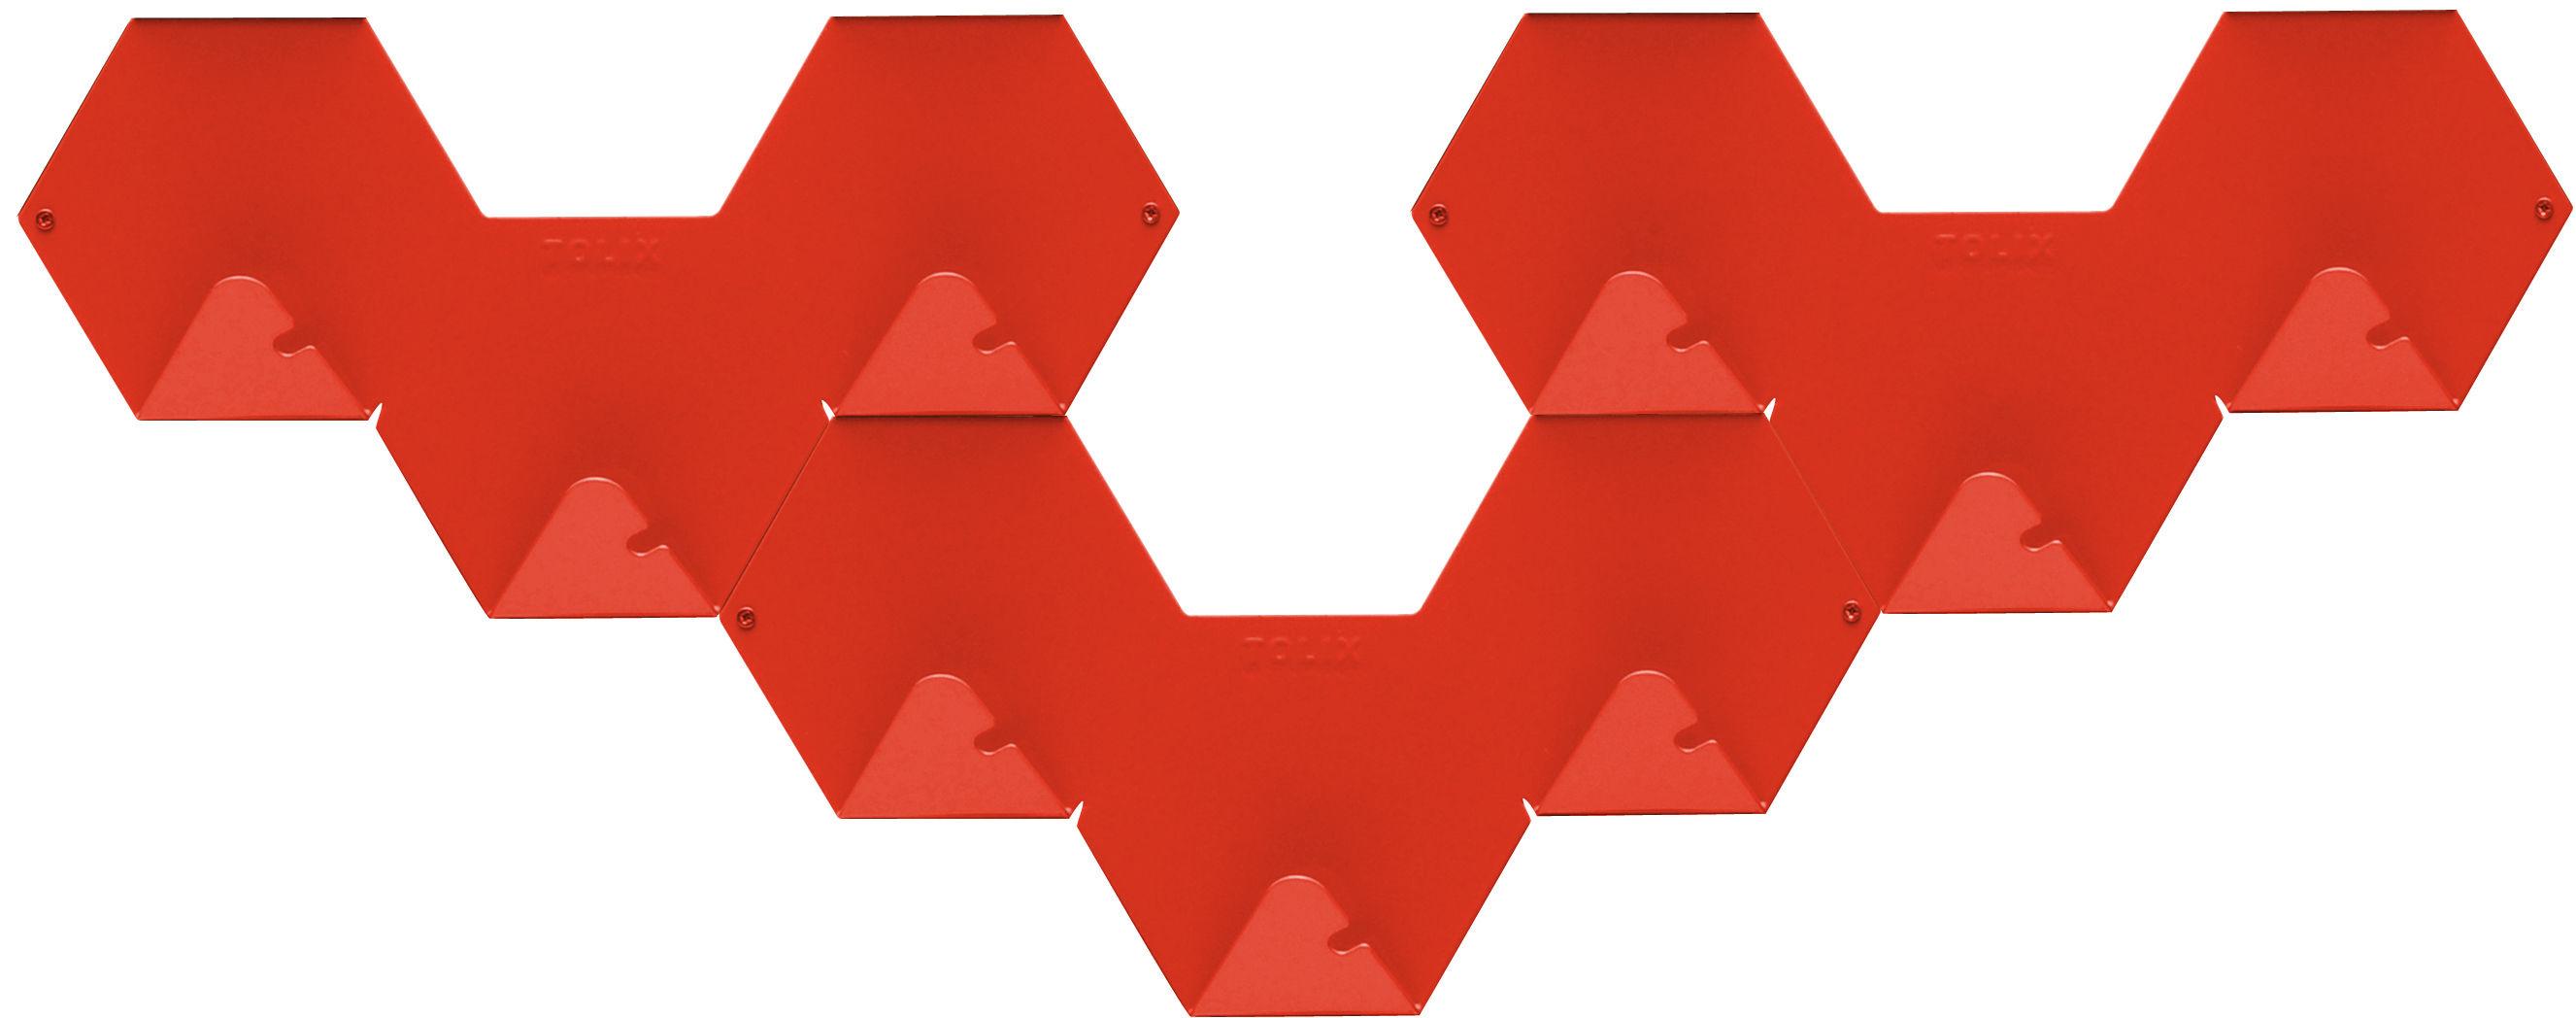 Arredamento - Appendiabiti  - Appendiabiti Simplex - confezione da 3 di Tolix - Rosso - Acciaio riciclato laccato